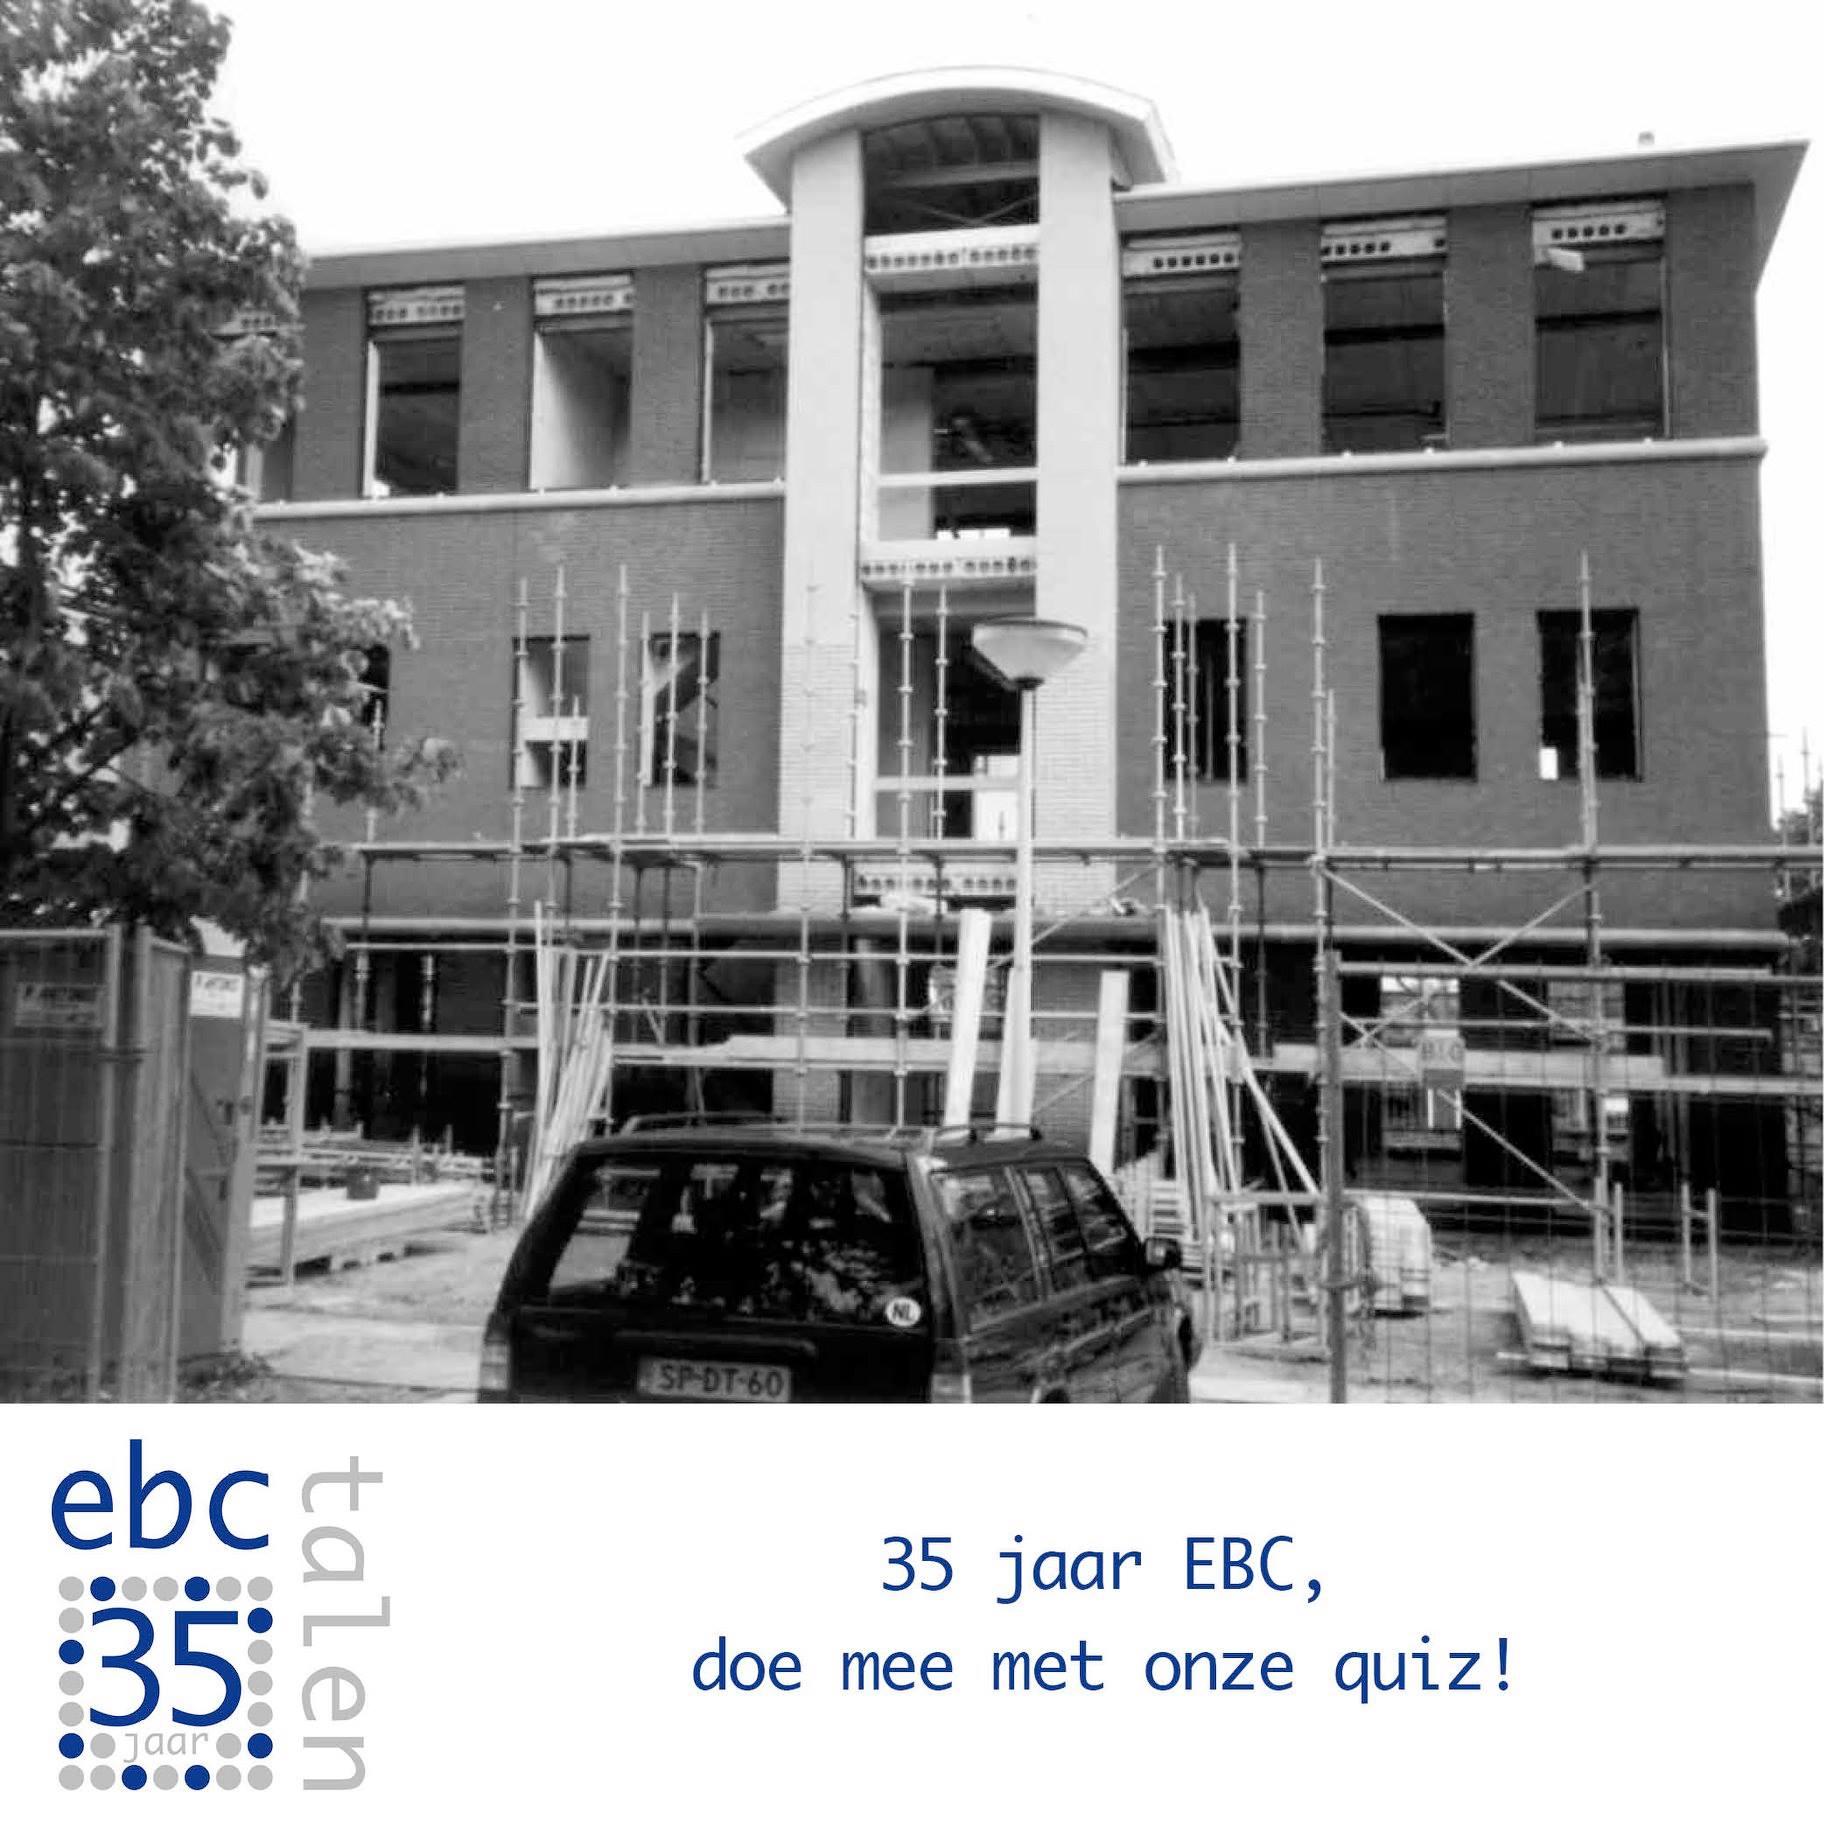 EBC Taleninstituut geeft al 35 jaar taaltrainingen in West Brabant, Zeeland en de rest van heel Nederland.